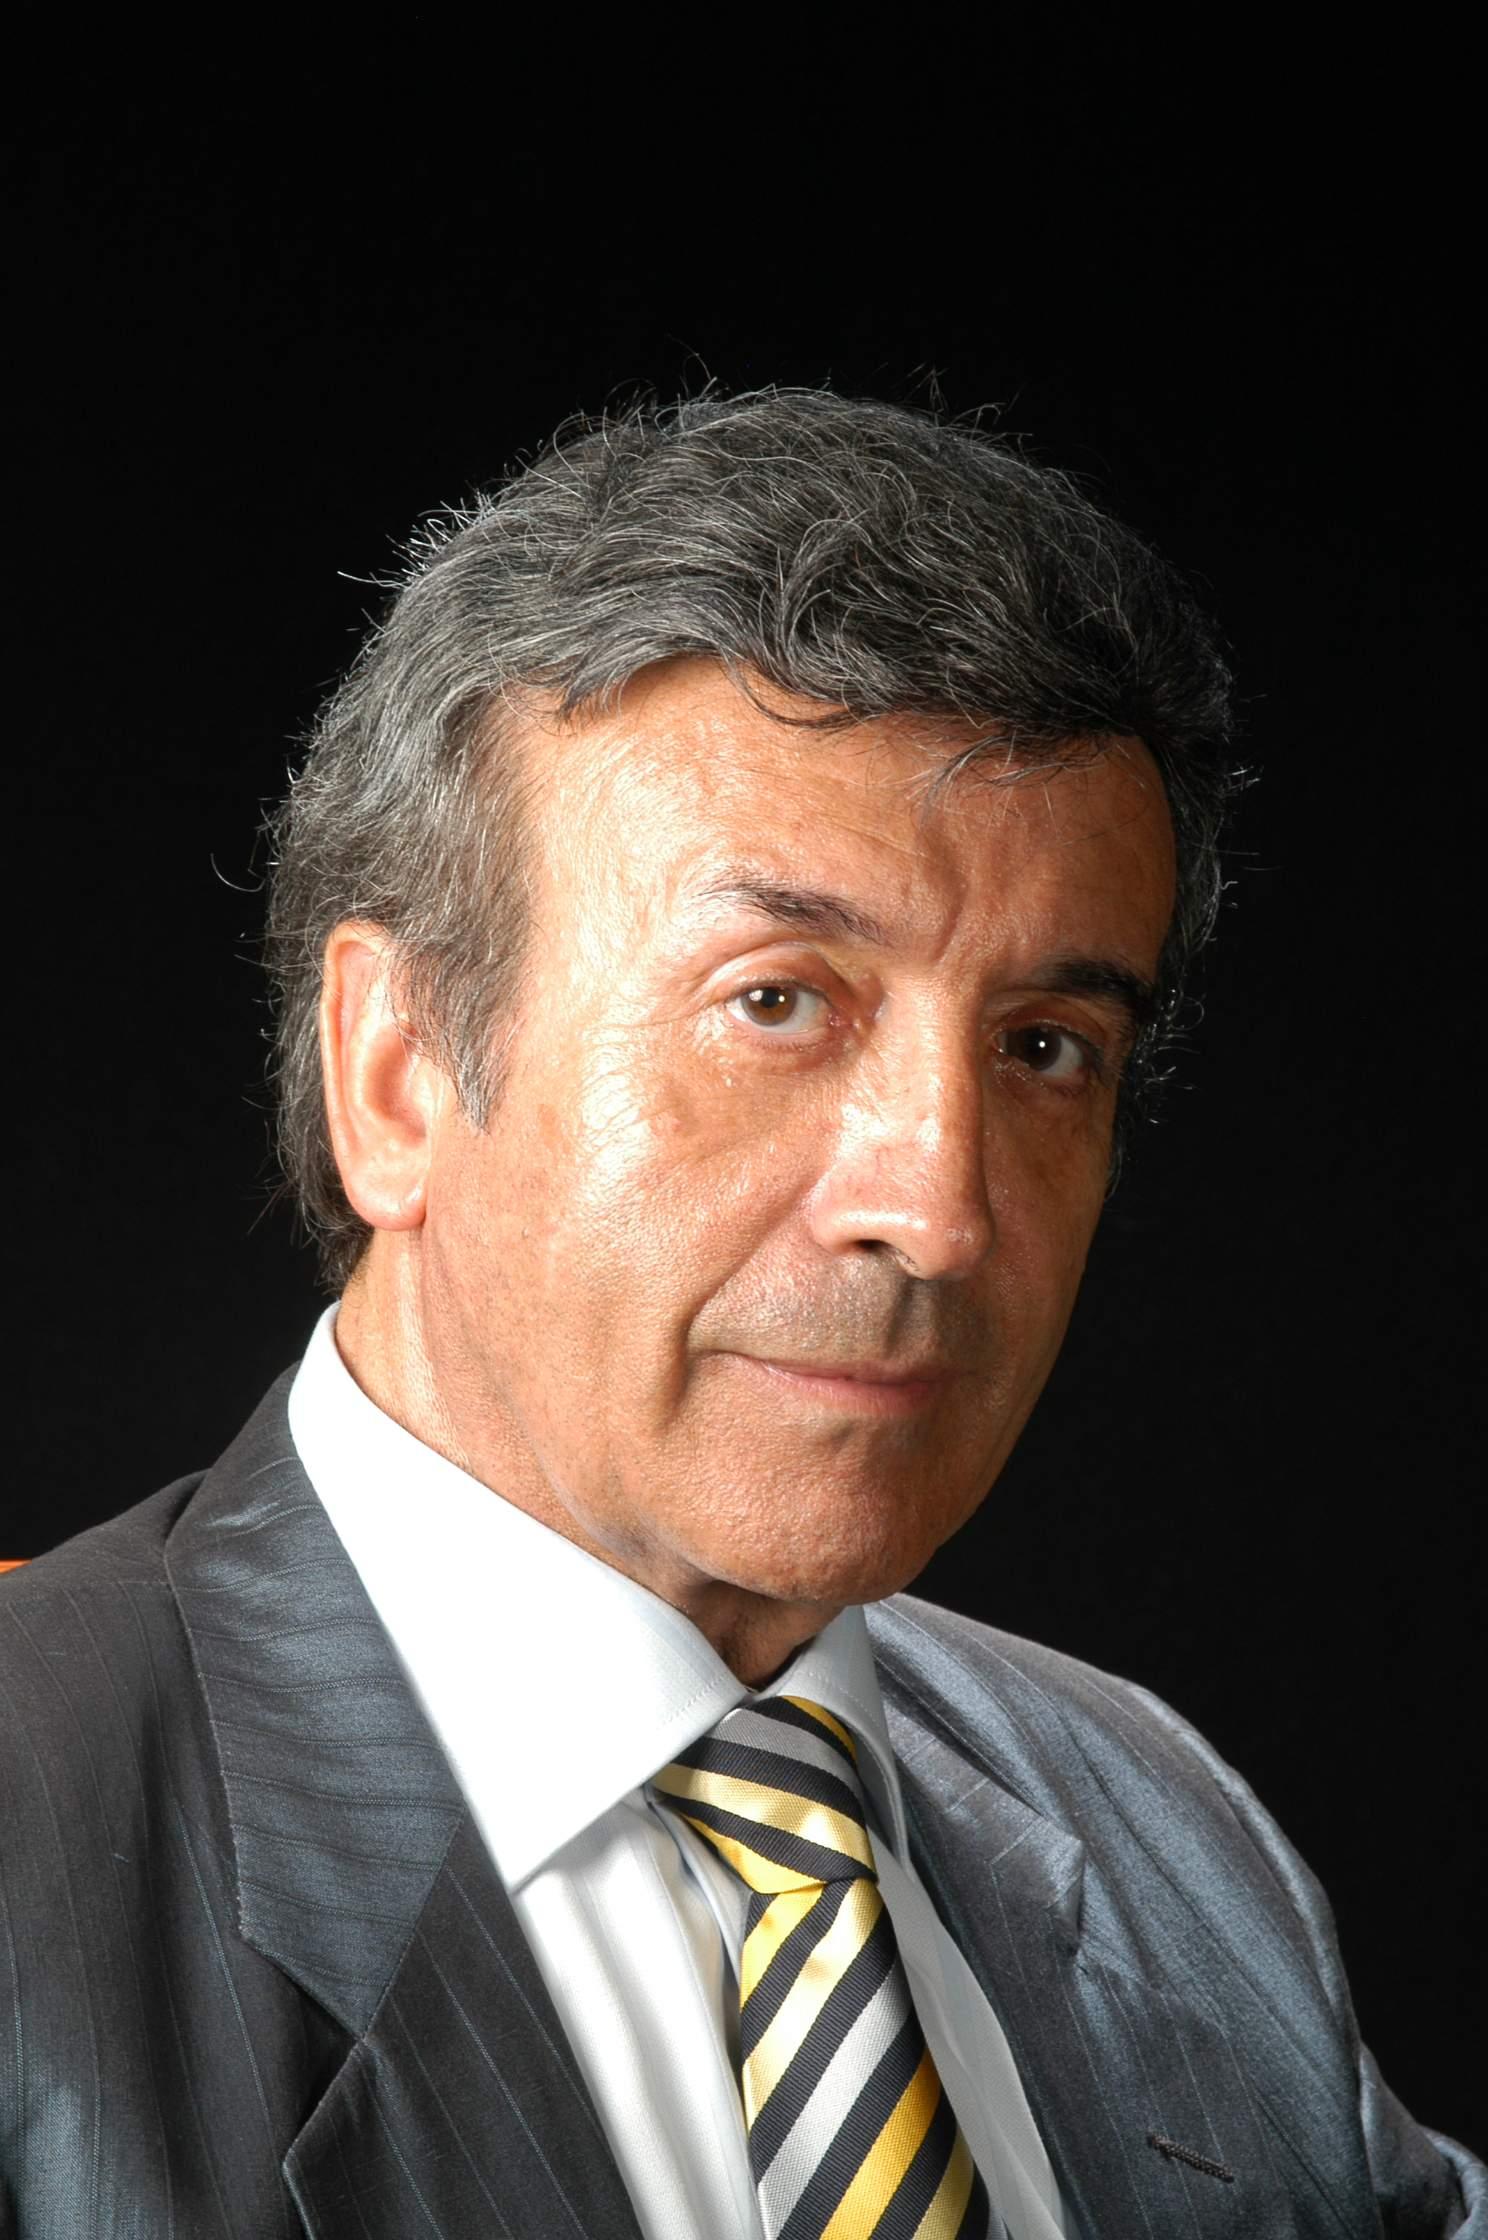 Sr. Lluís Sanz Agudíez